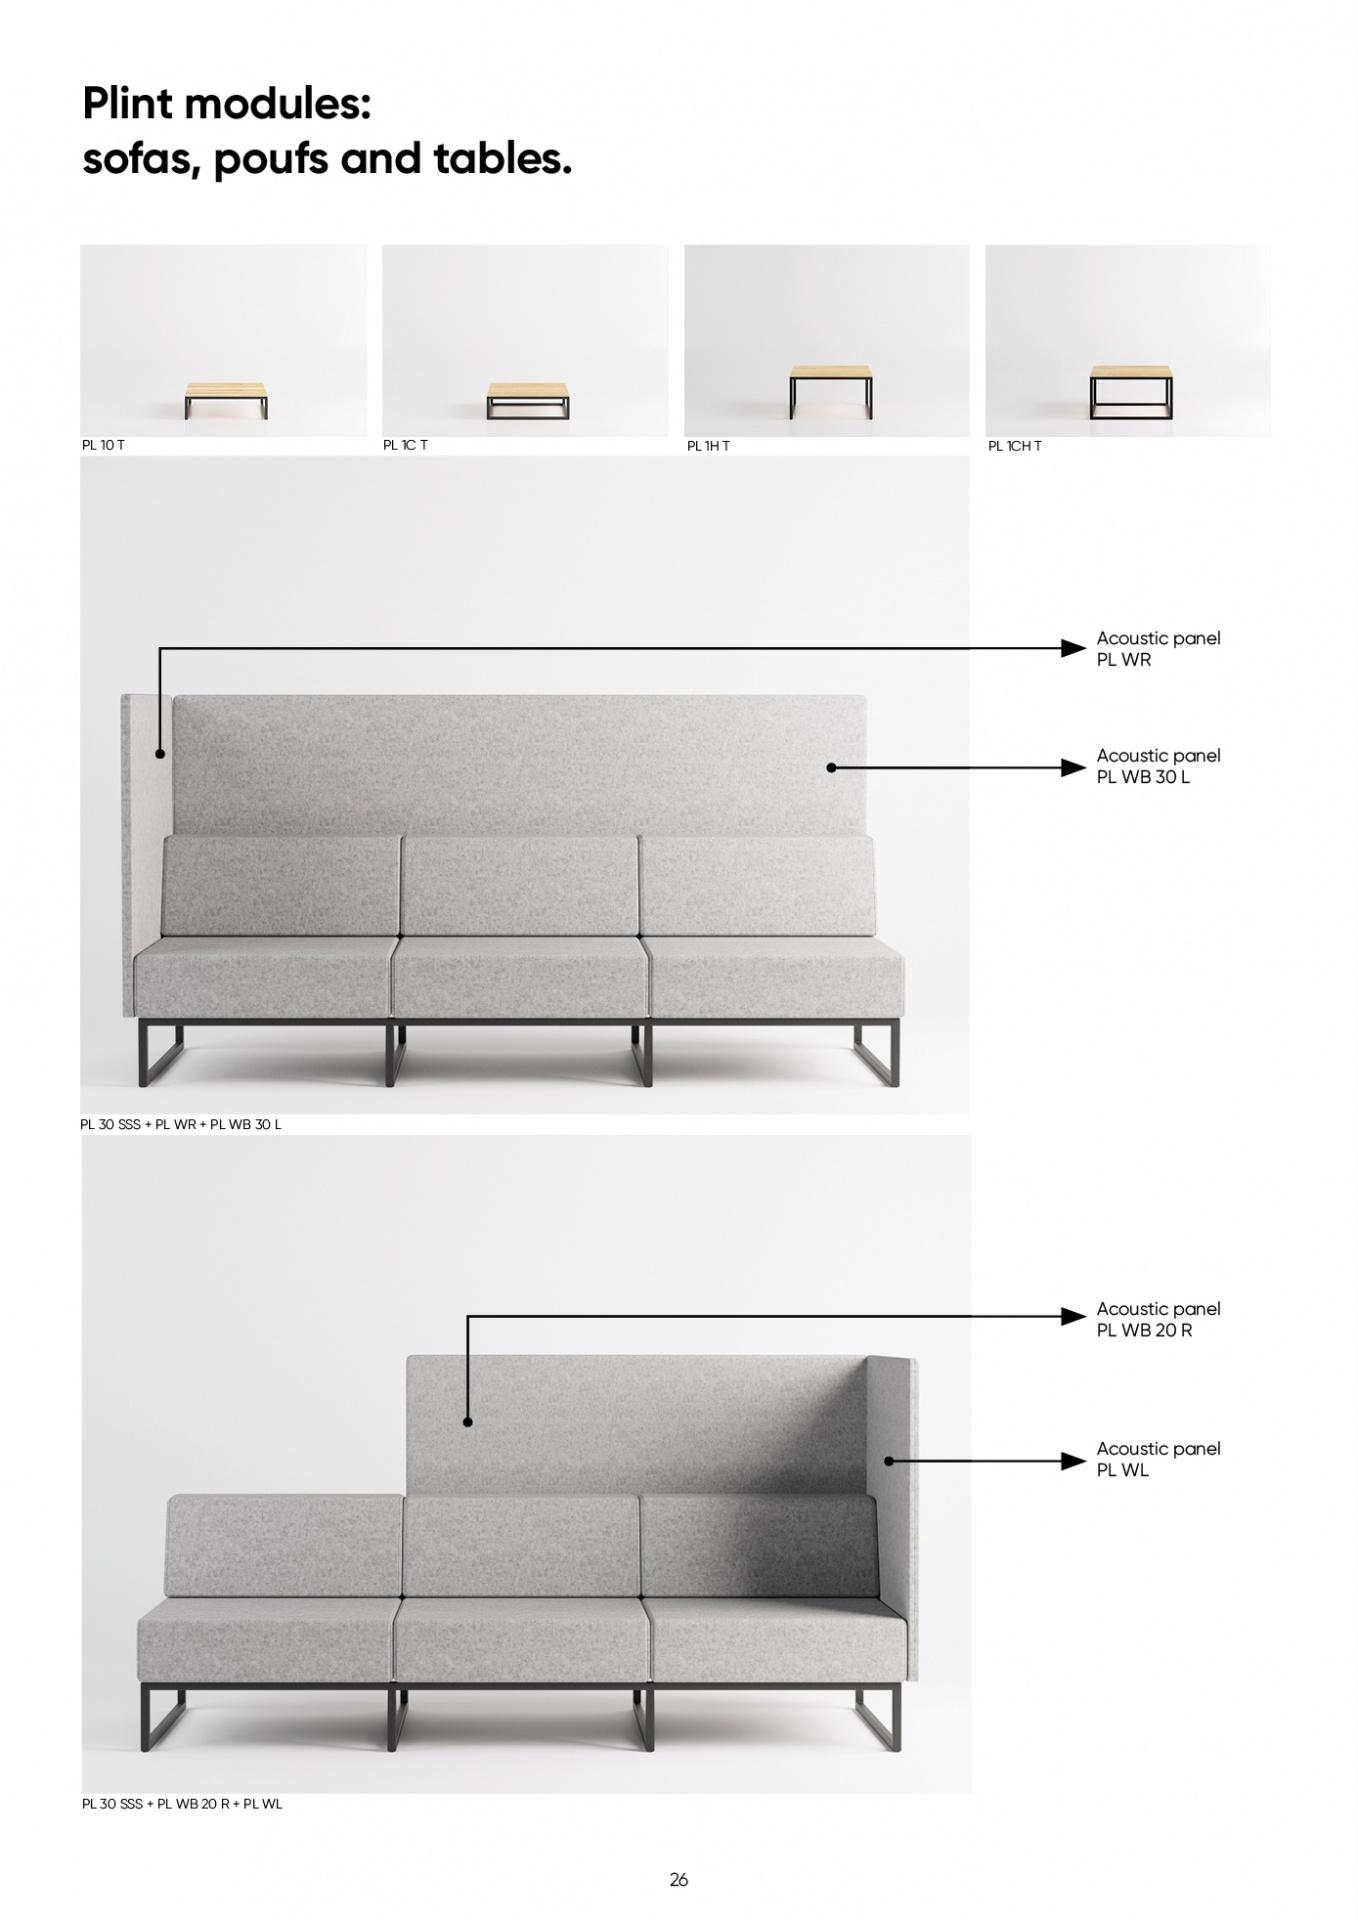 plint-catalogue-v2-26.jpg